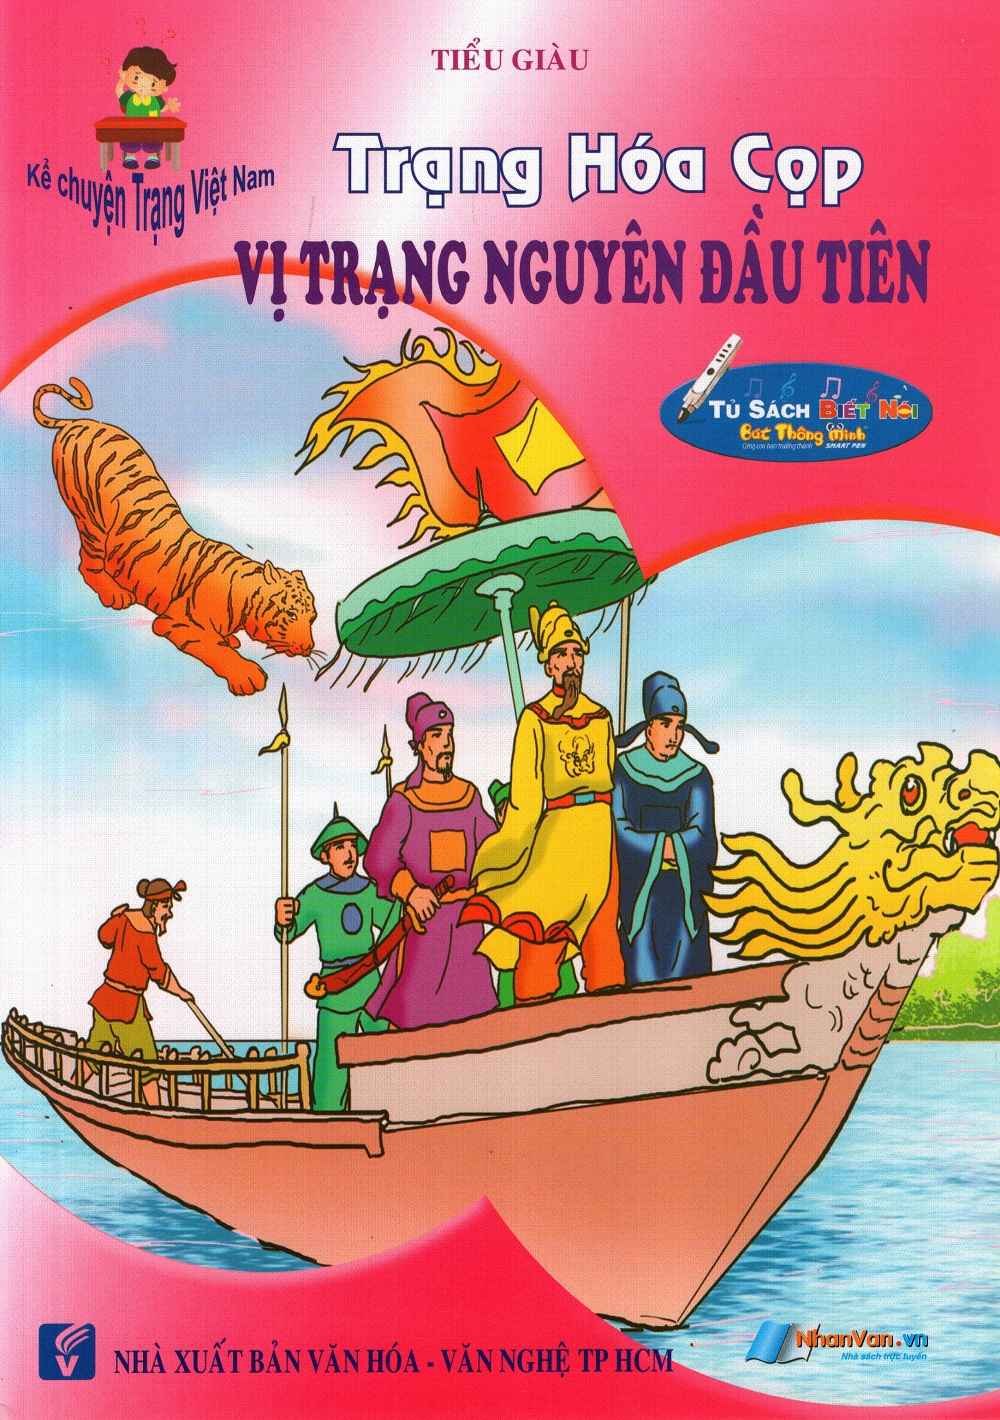 Bìa sách Kể Chuyện Trạng Việt Nam: Trạng Hóa Cọp - Vị Trạng Nguyên Đầu Tiên